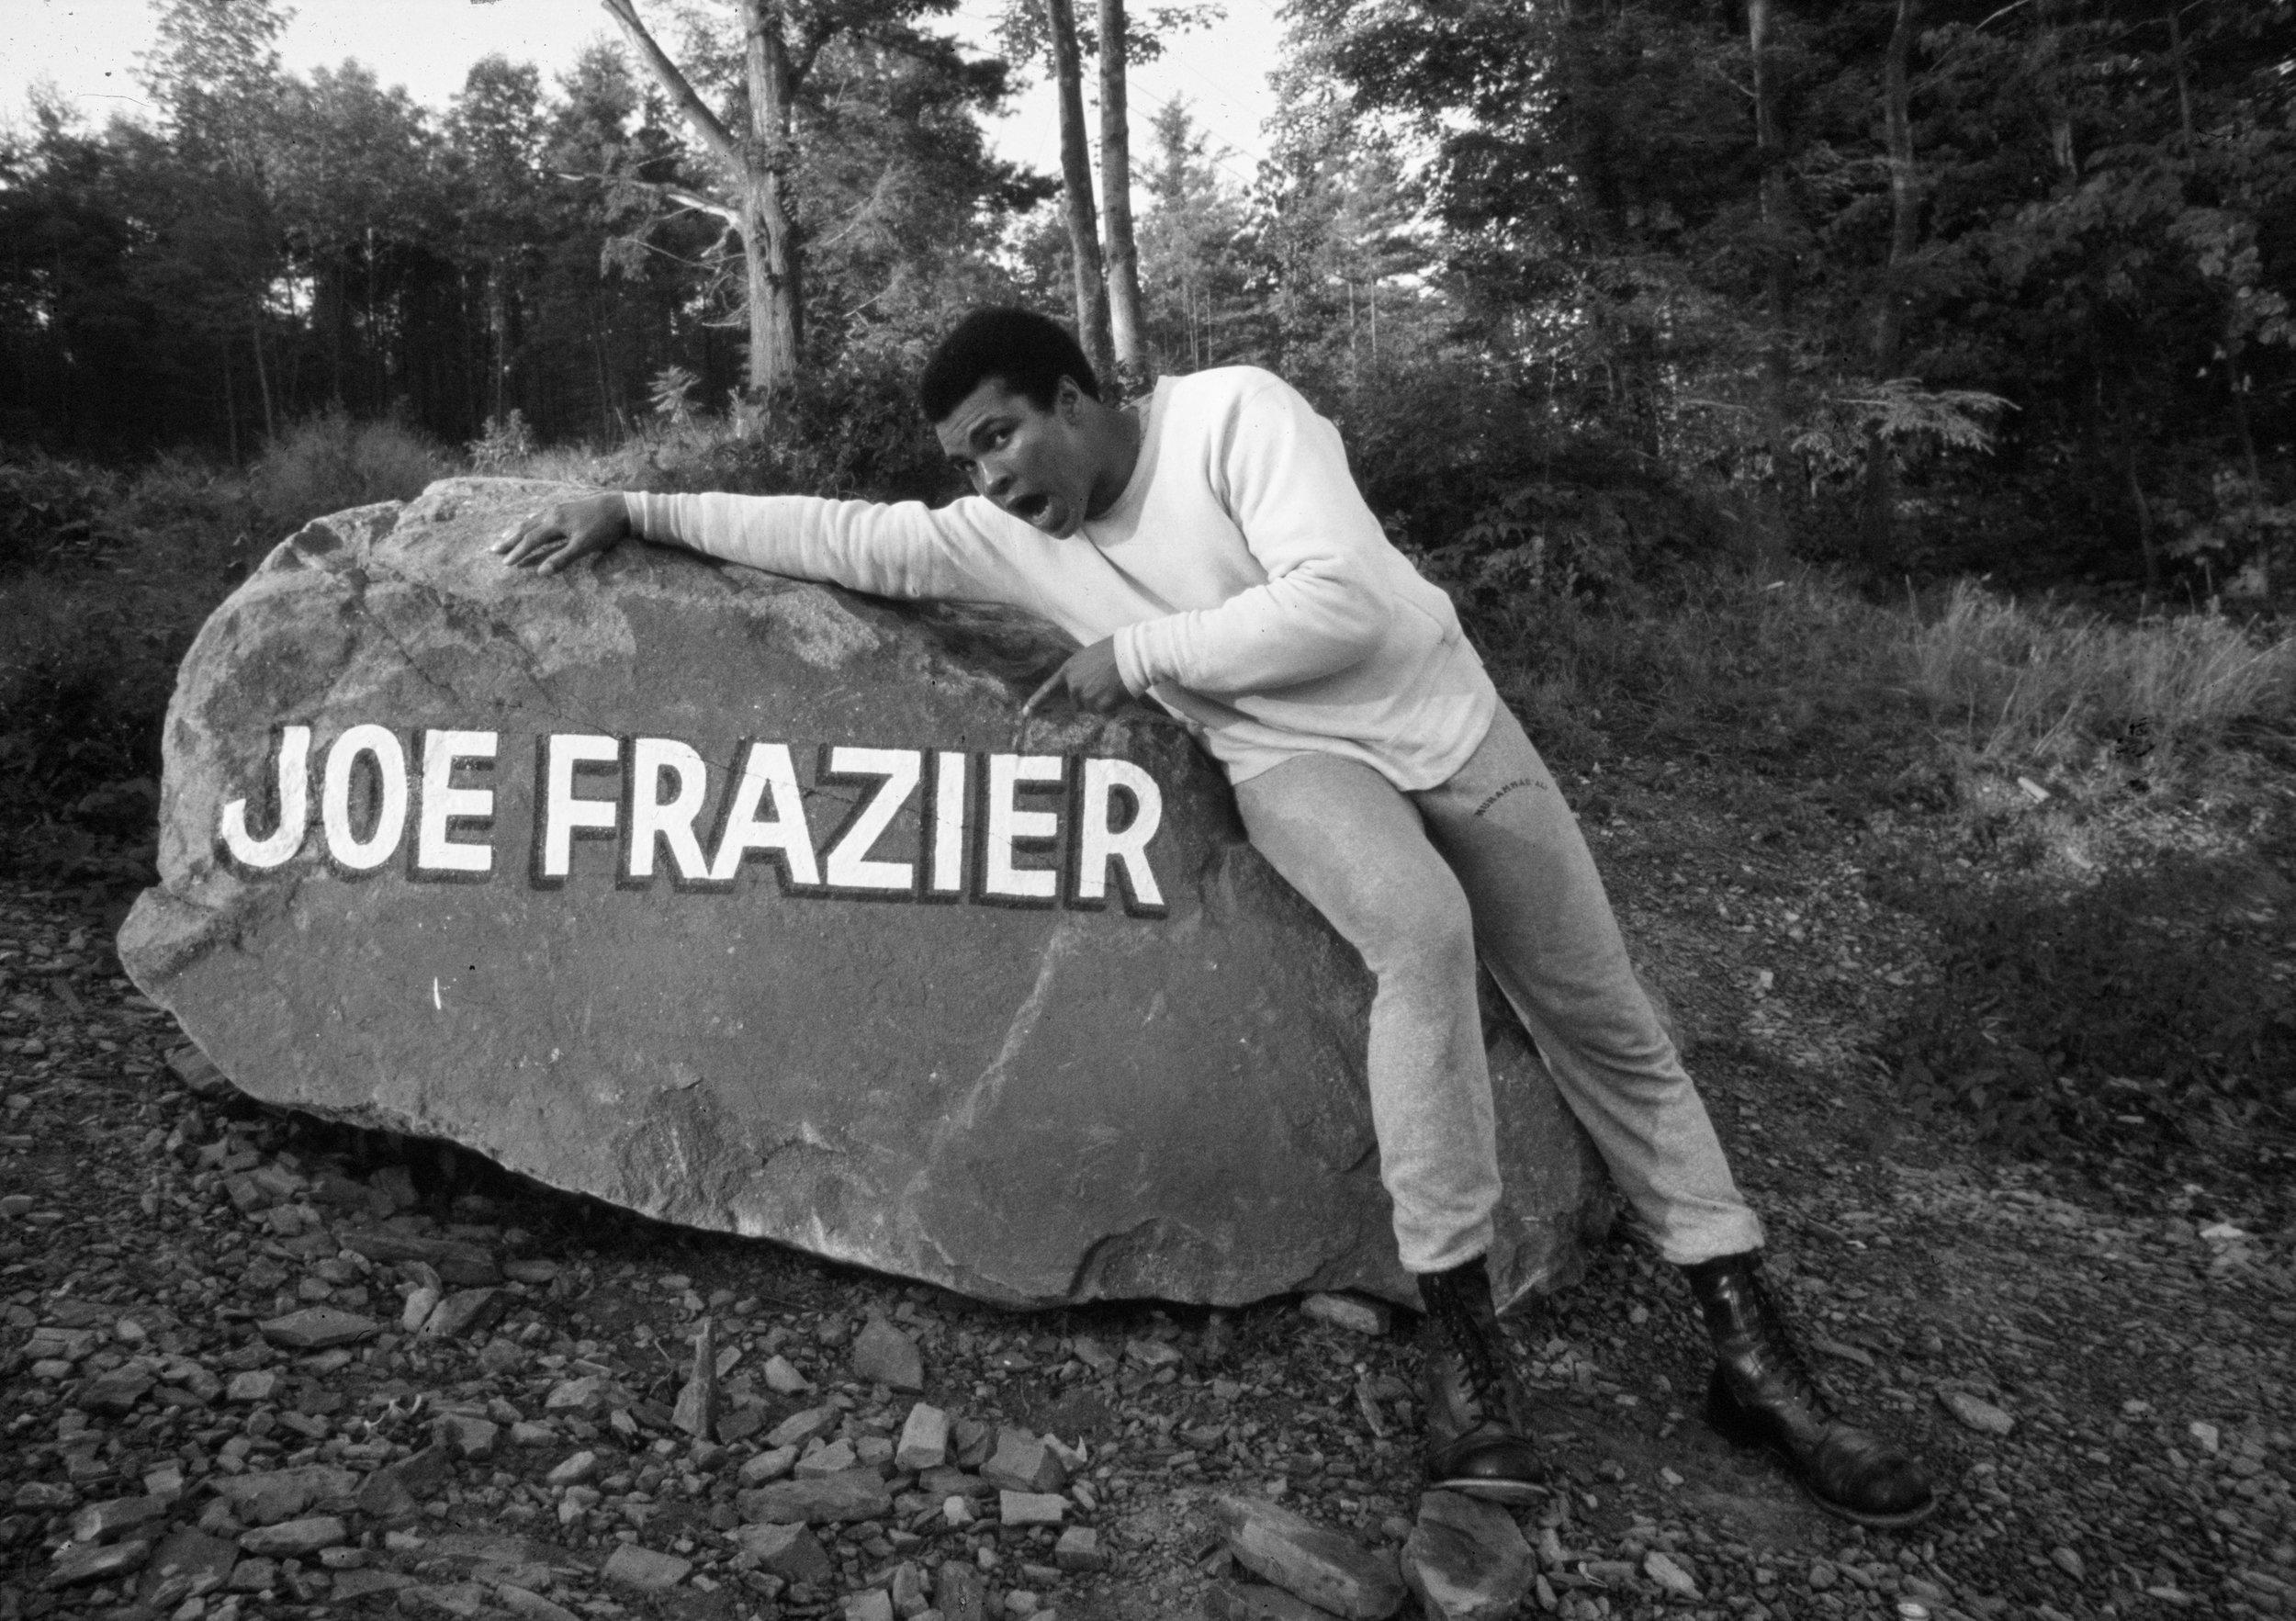 Ali Leaning on Joe Frazier Boulder